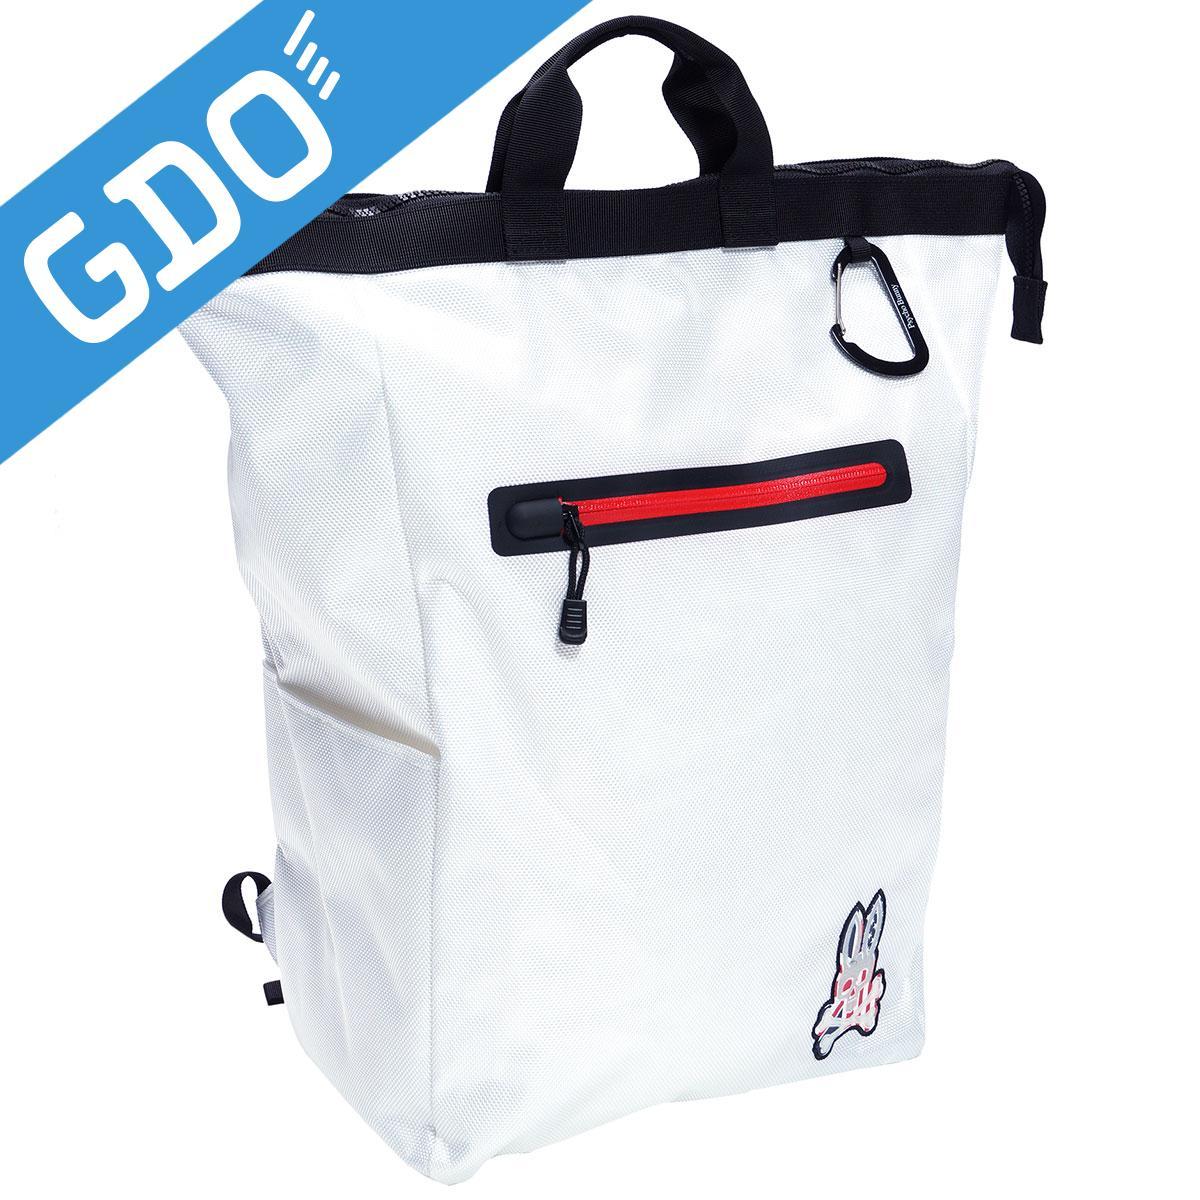 サイコバニー PSYCHO BUNNY 2WAYトートバッグ PBMG7SB1[ゴルフ用品 GOLF GDO メンズ レディース ユニセックス 男女兼用 トート バッグ バック トートバック かばん カバン 鞄 おしゃれ]